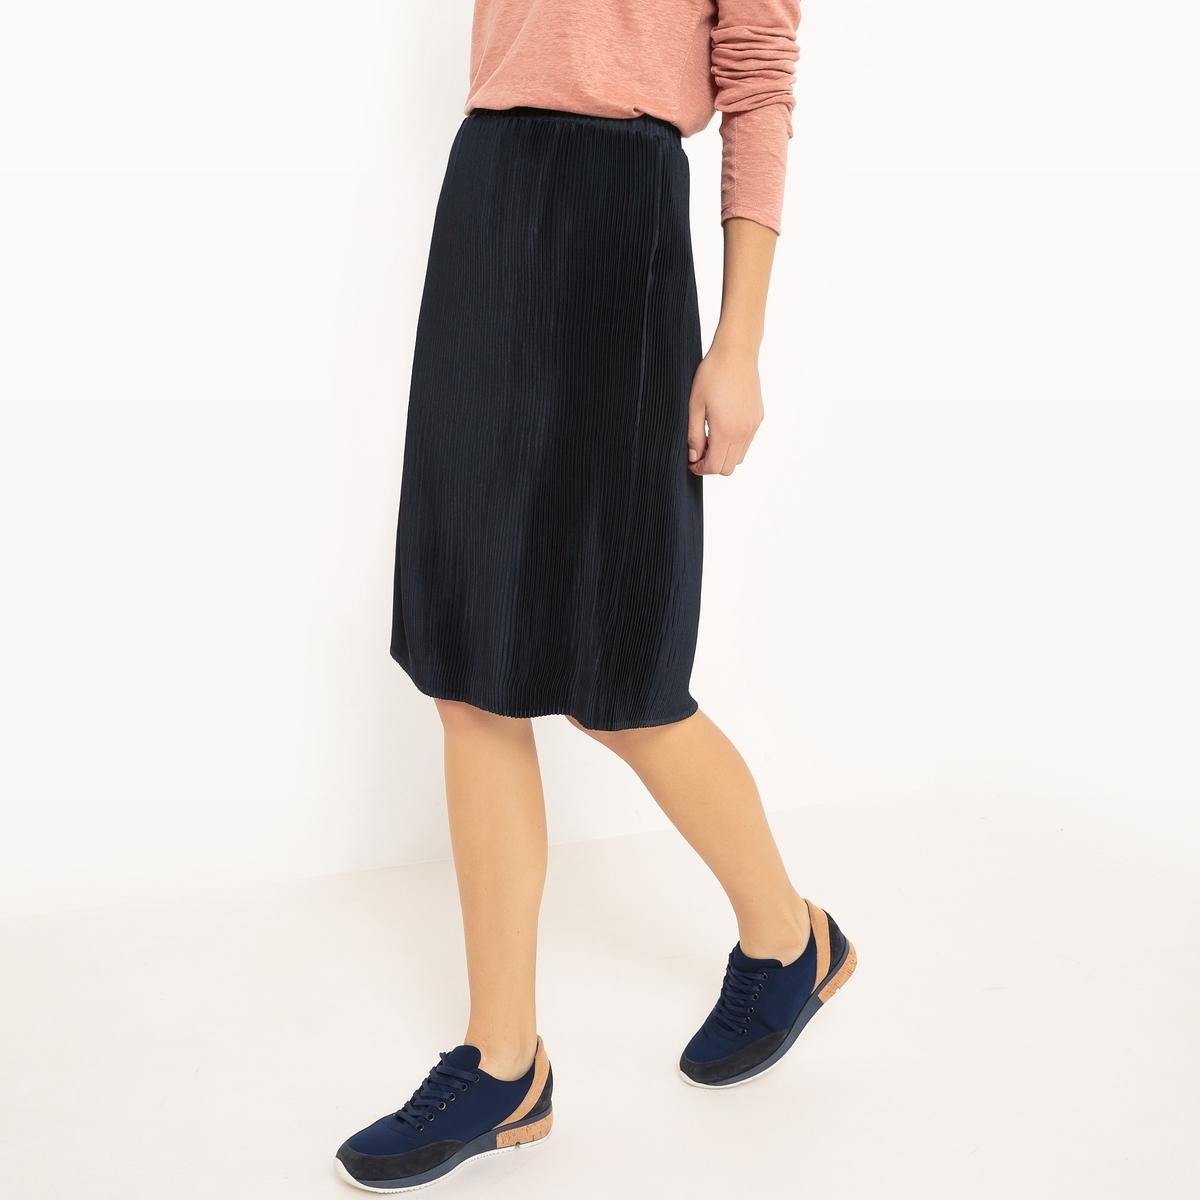 Юбка плиссированная длиной до коленМатериал : 100% полиэстер Особенность пояса : эластичный пояс Рисунок : однотонная модель Длина юбки : до колен<br><br>Цвет: темно-синий